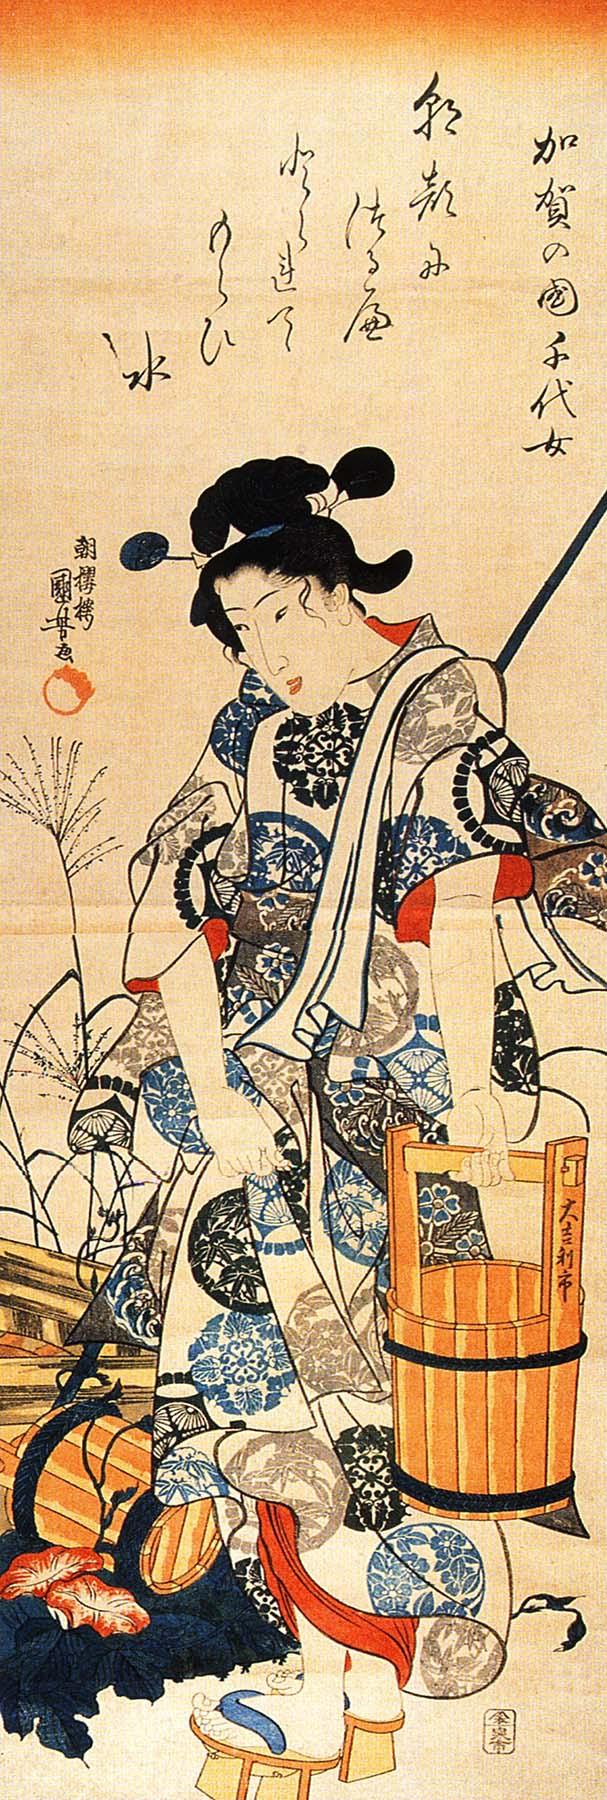 Fukuda Chiyo-ni, Lady Kaga no Chiyo,